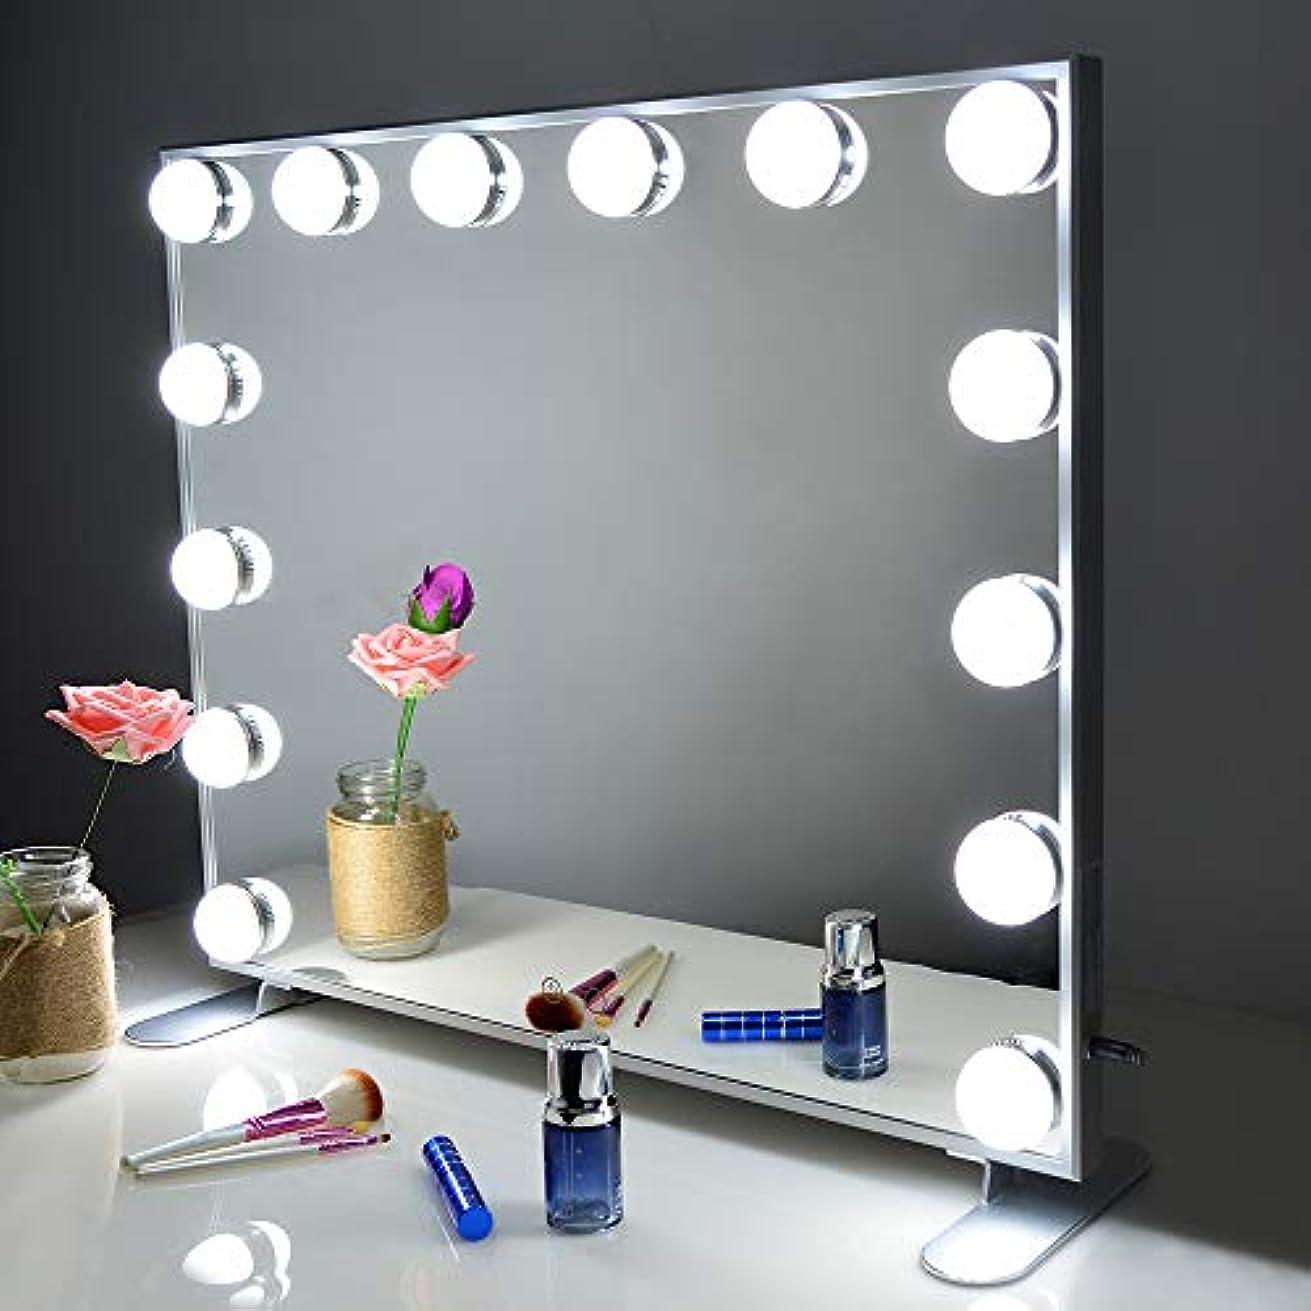 セラー弱い励起Wonstart 女優ミラー 化粧鏡 ハリウッドスタイル 14個LED電球付き 暖色?寒色 2色ライトモード 明るさ調節可能 女優ライト 卓上 LEDミラー ドレッサー/化粧台適用(シルバー)